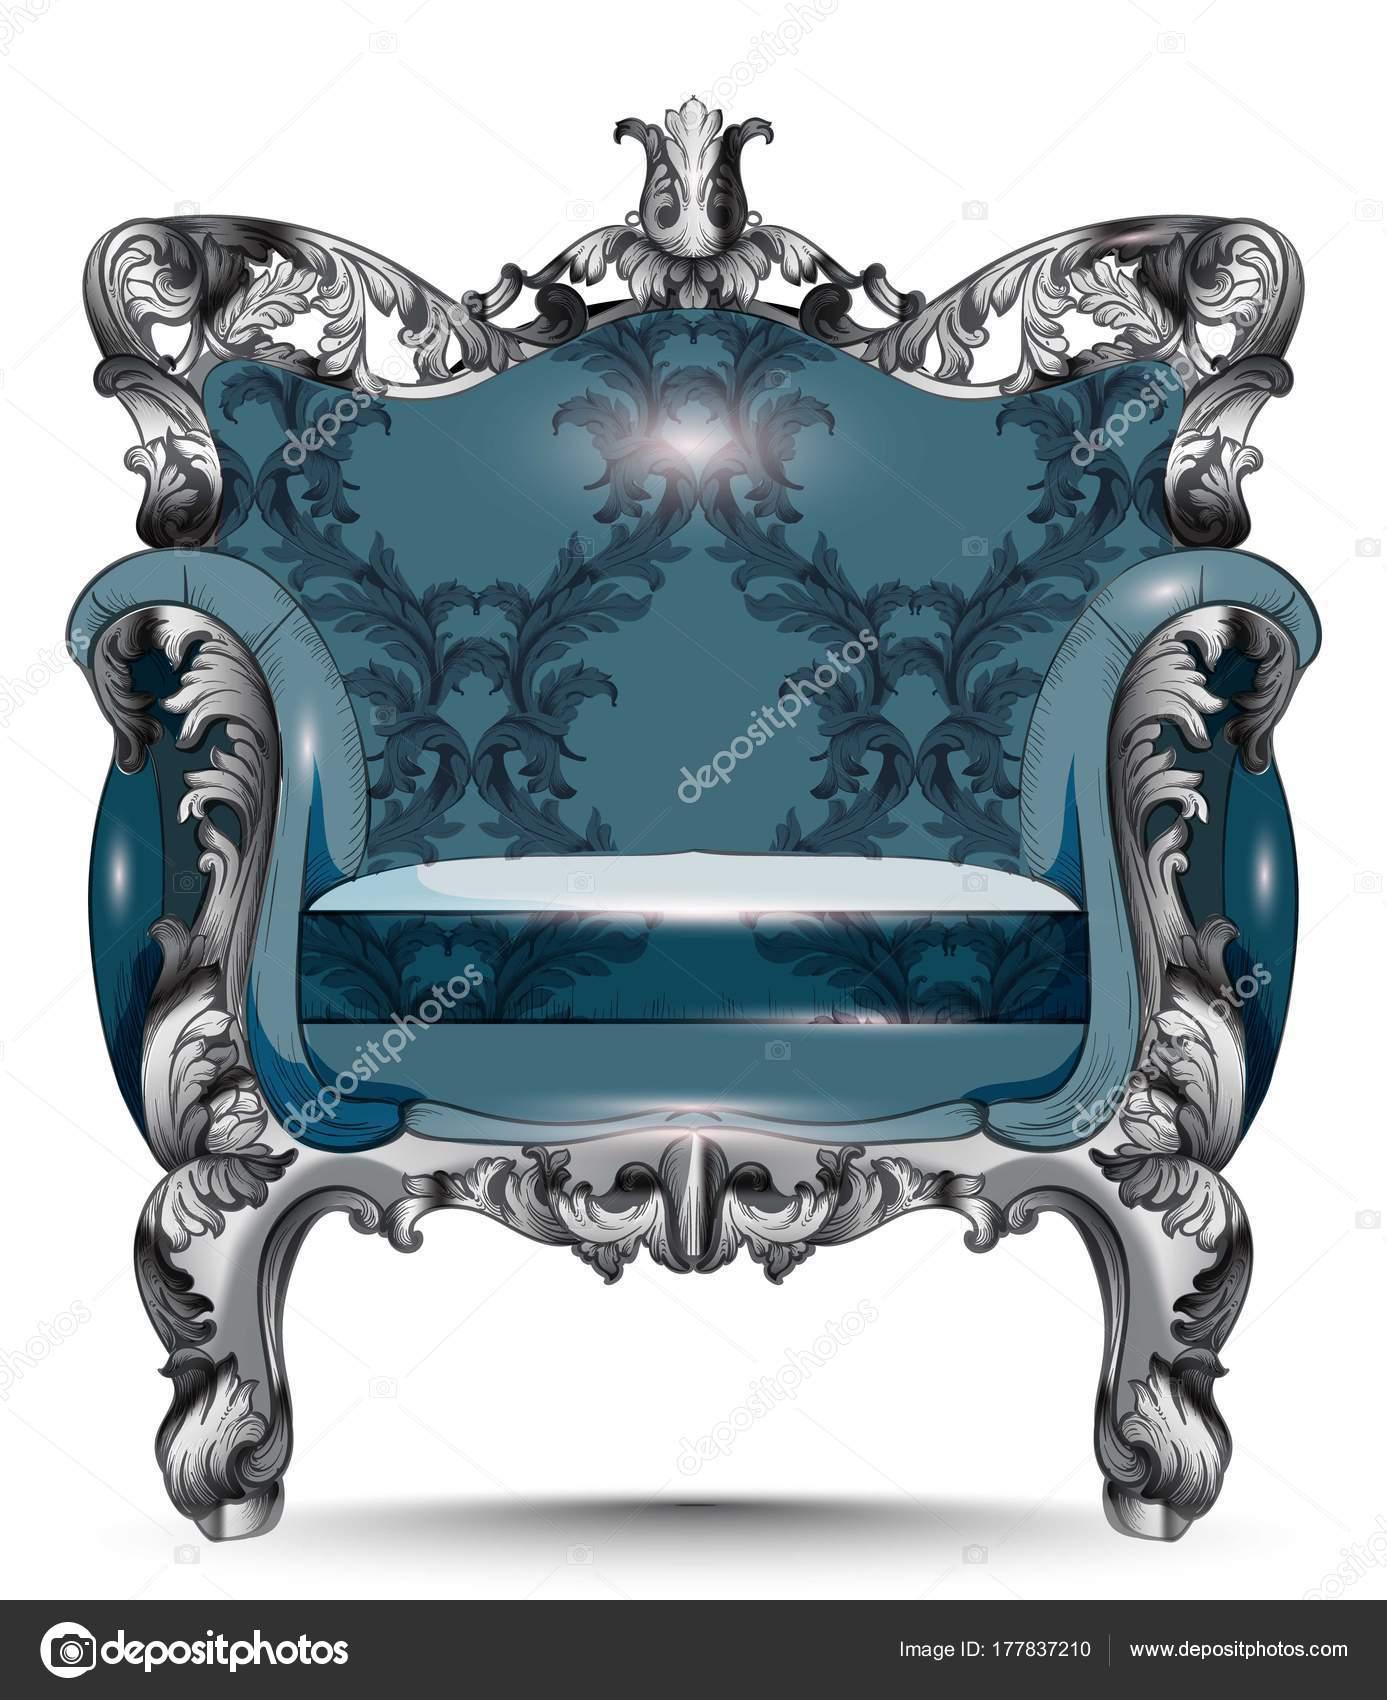 Sillón de lujo barroco. Muebles con estilo victoriano decorada tela ...